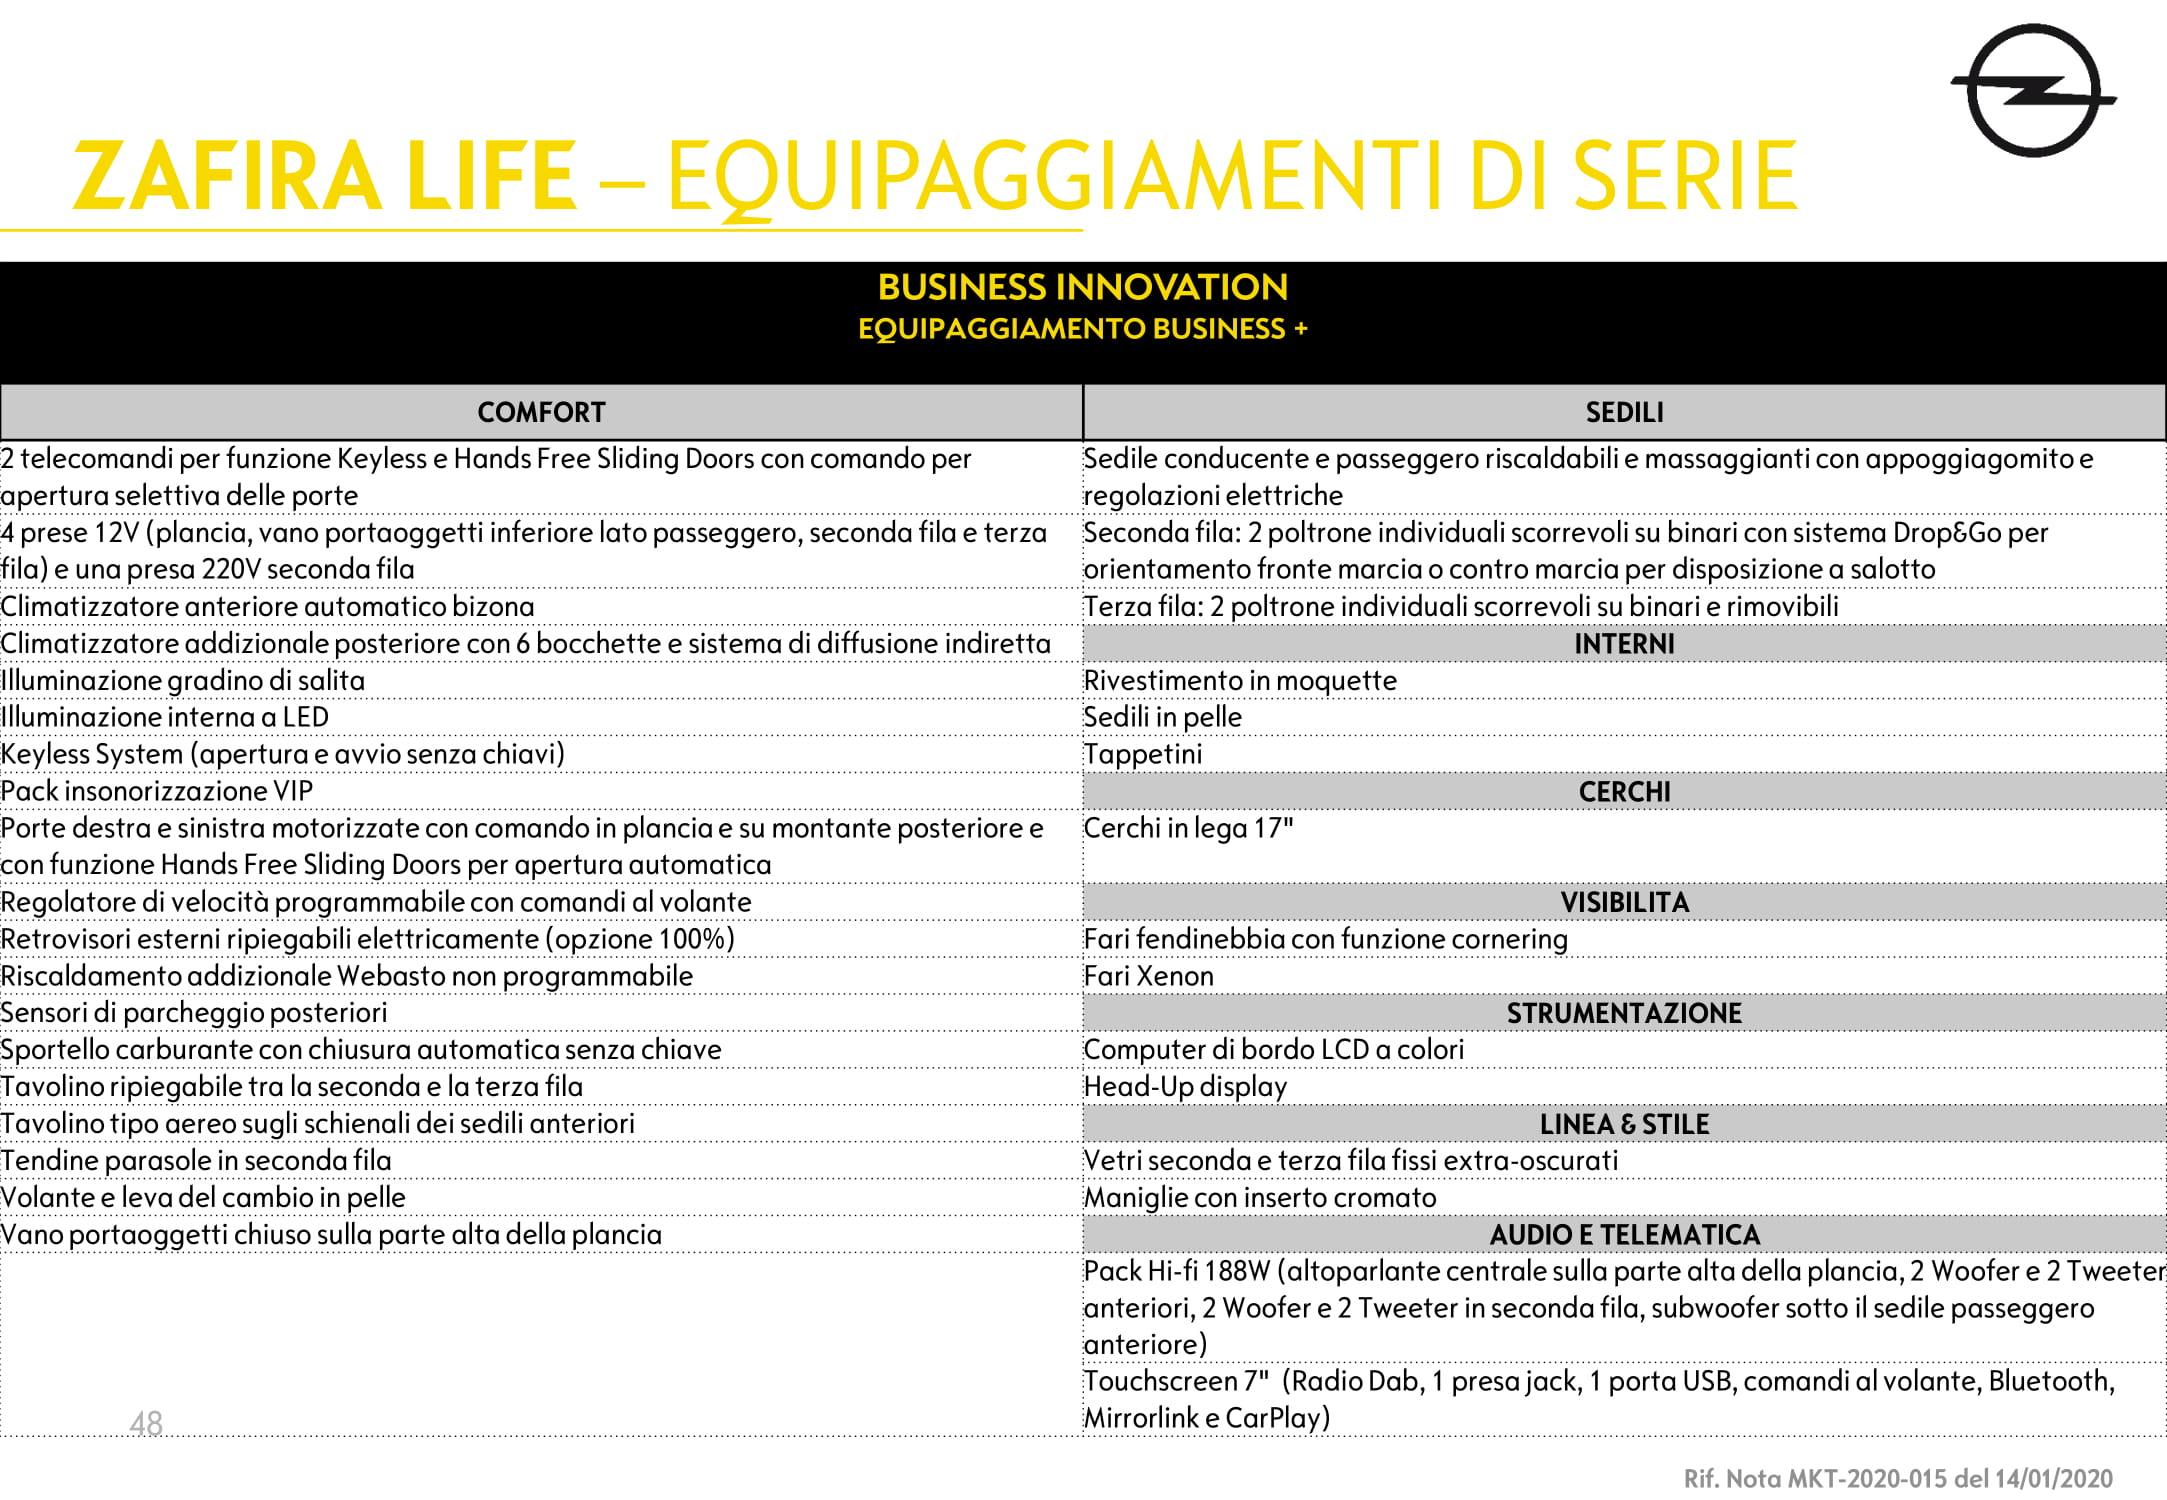 equip zafira life-4